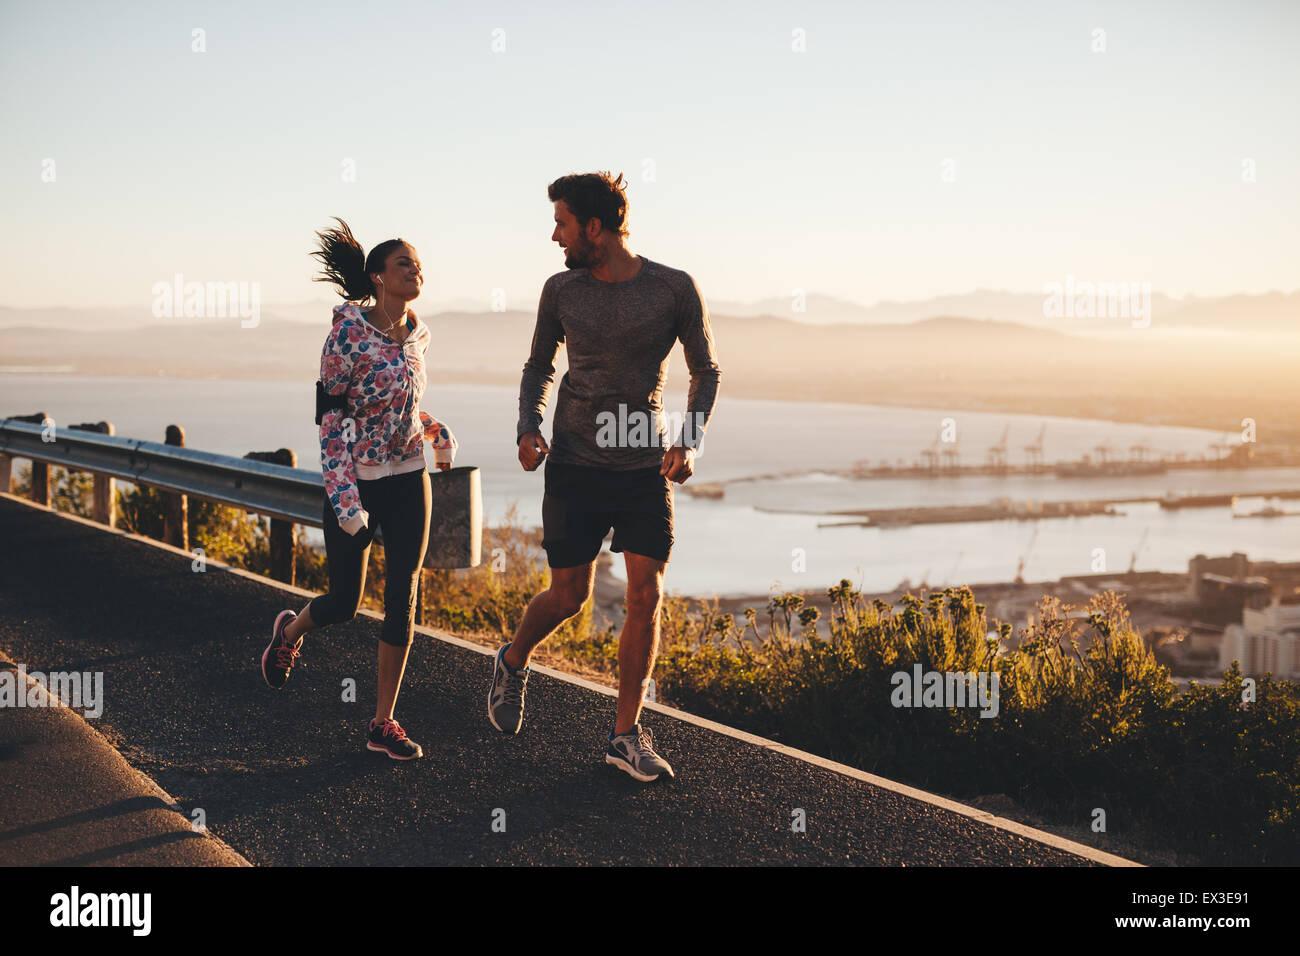 Aufnahme von zwei Menschen, die laufen auf einer Landstraße in Morgen. Junger Mann und Frau Joggen im Freien Stockbild